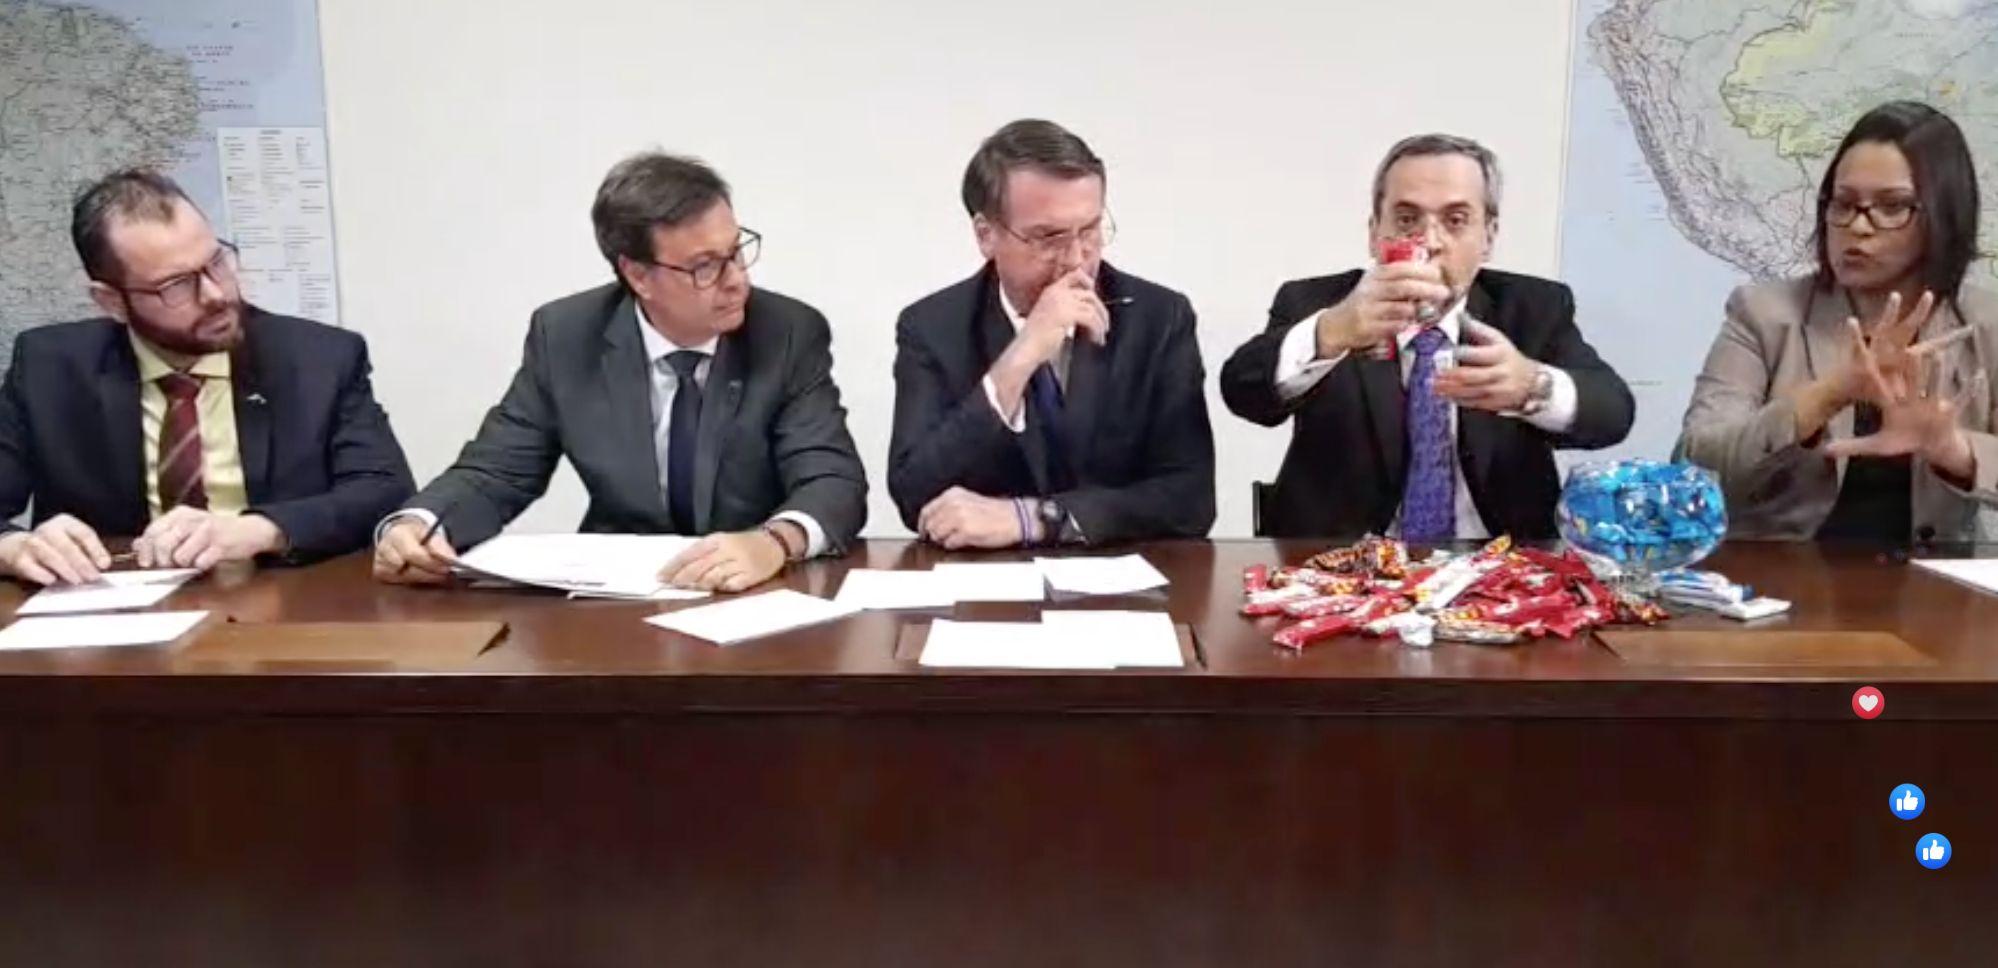 Ministro usa chocolatinhos para explicar contingenciamento em